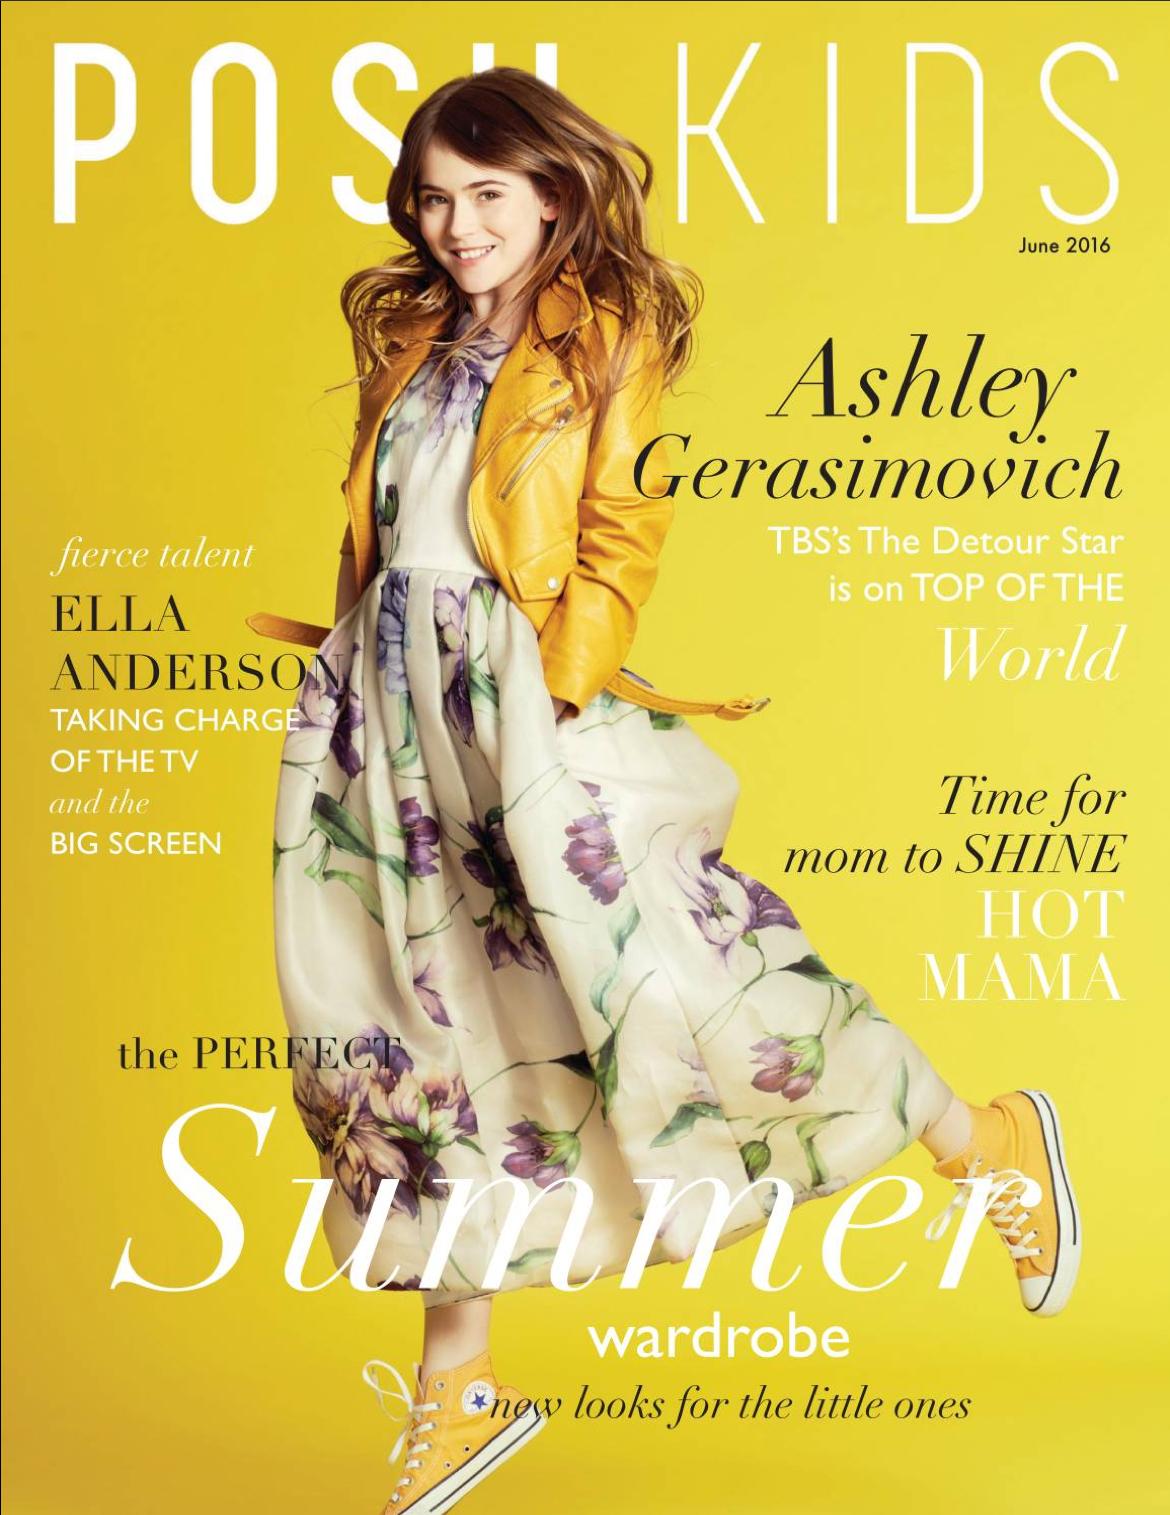 PoshKids_Magazine_AshleyGerasimovich